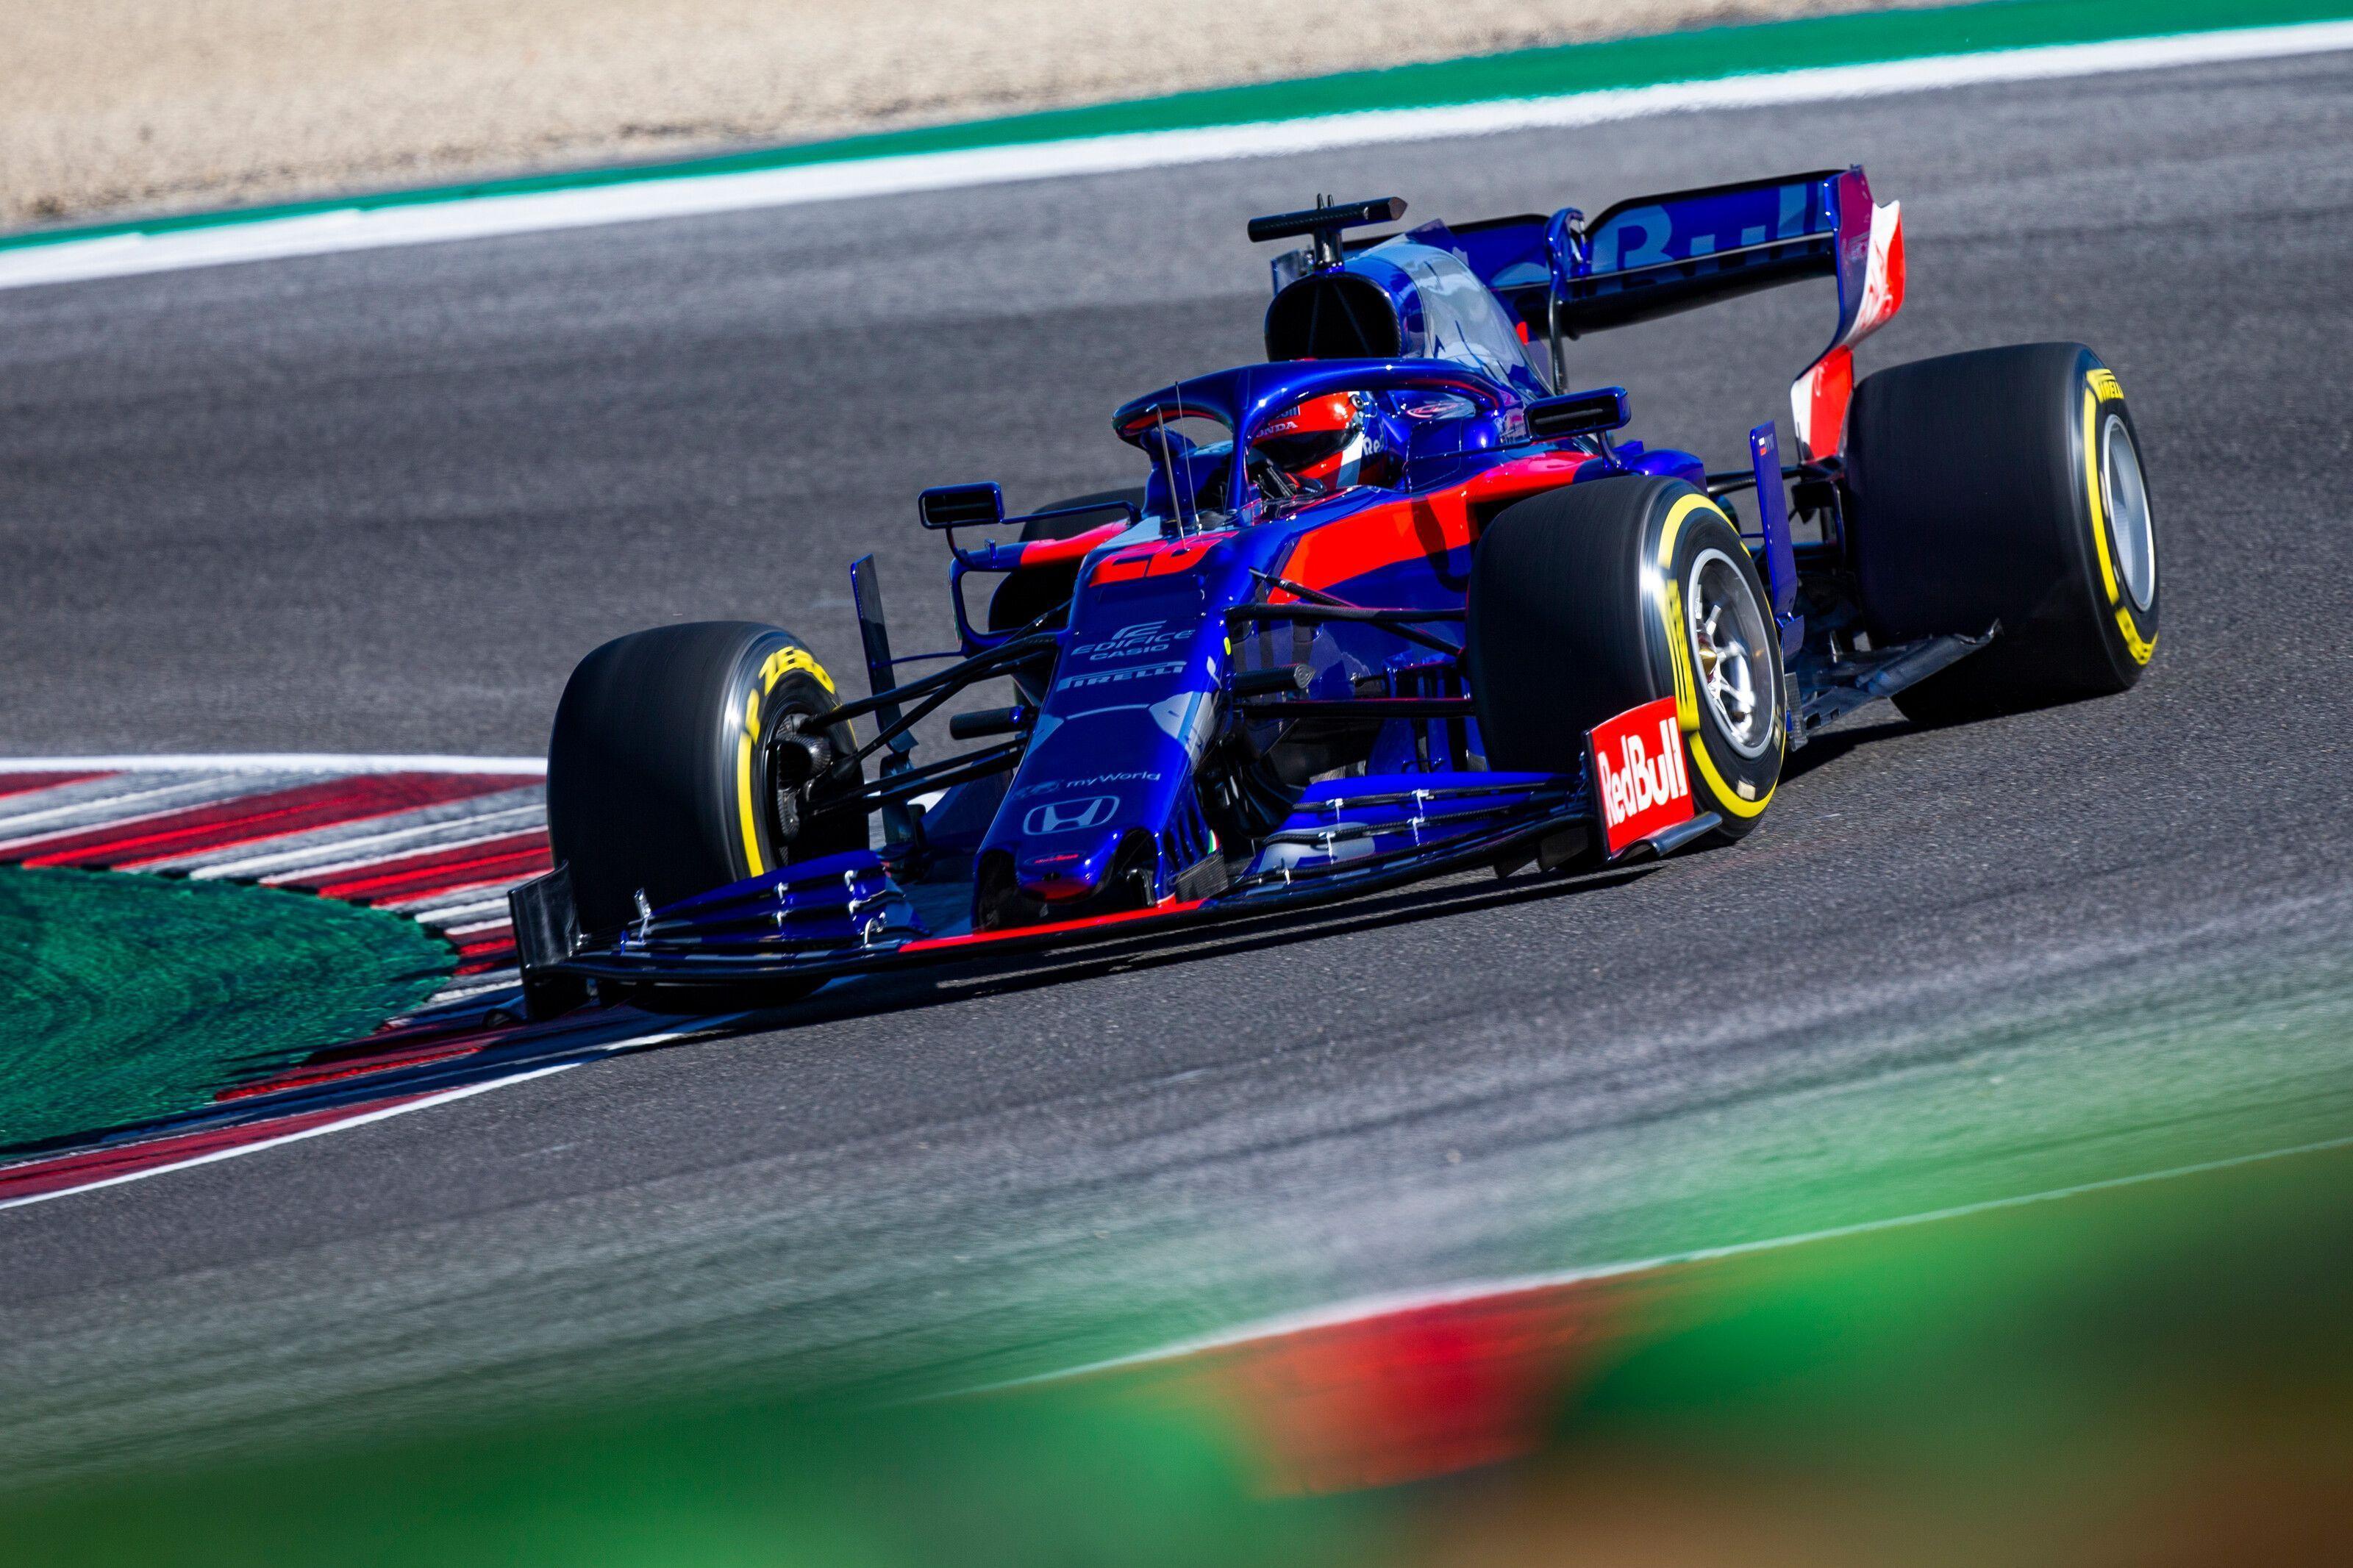 2019 Toro Rosso F1